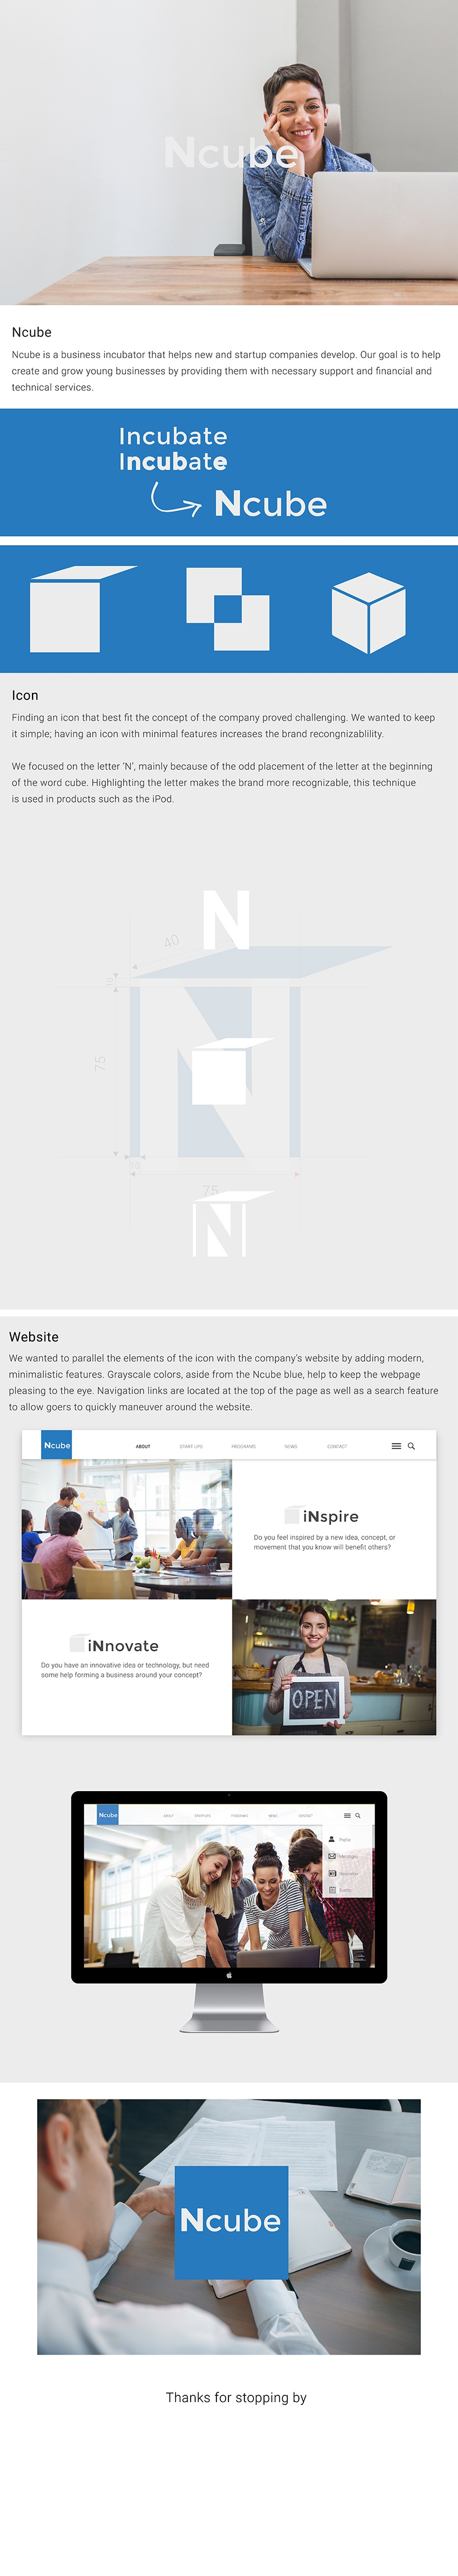 Ncube branding small